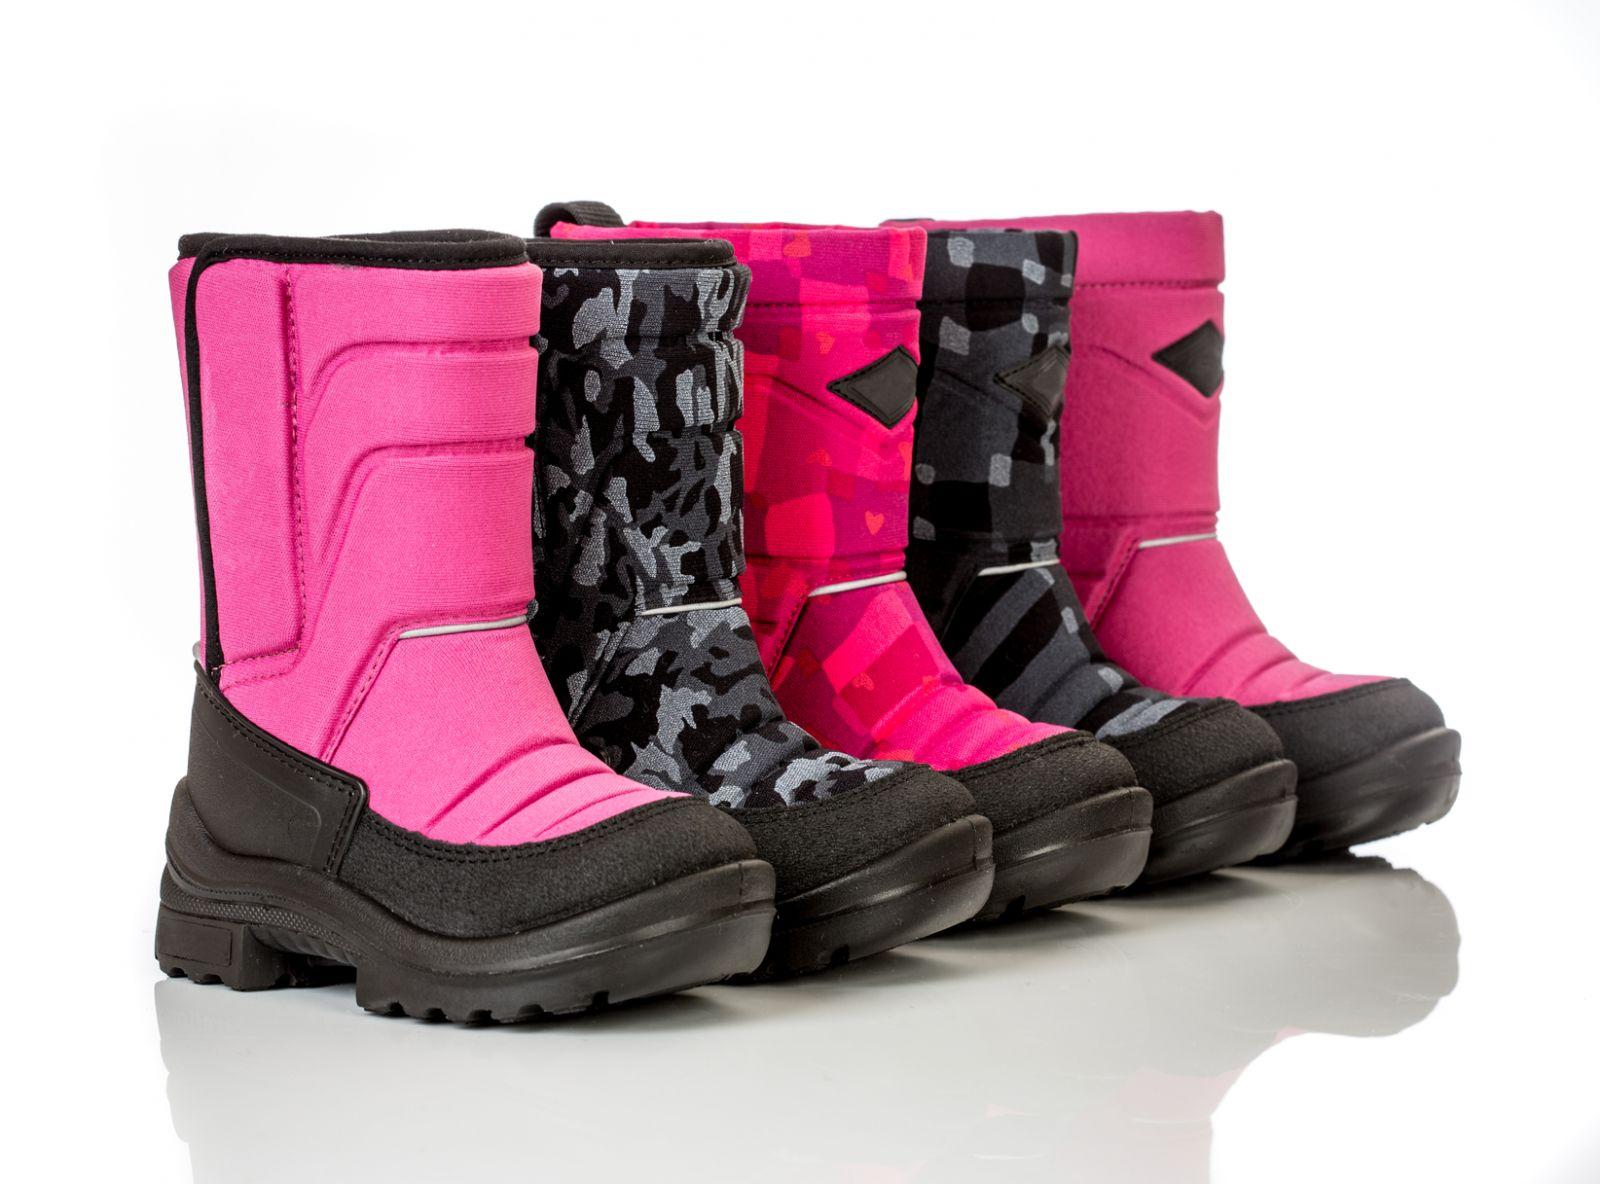 Как выбрать зимнюю обувь для ребенка? - фото №3